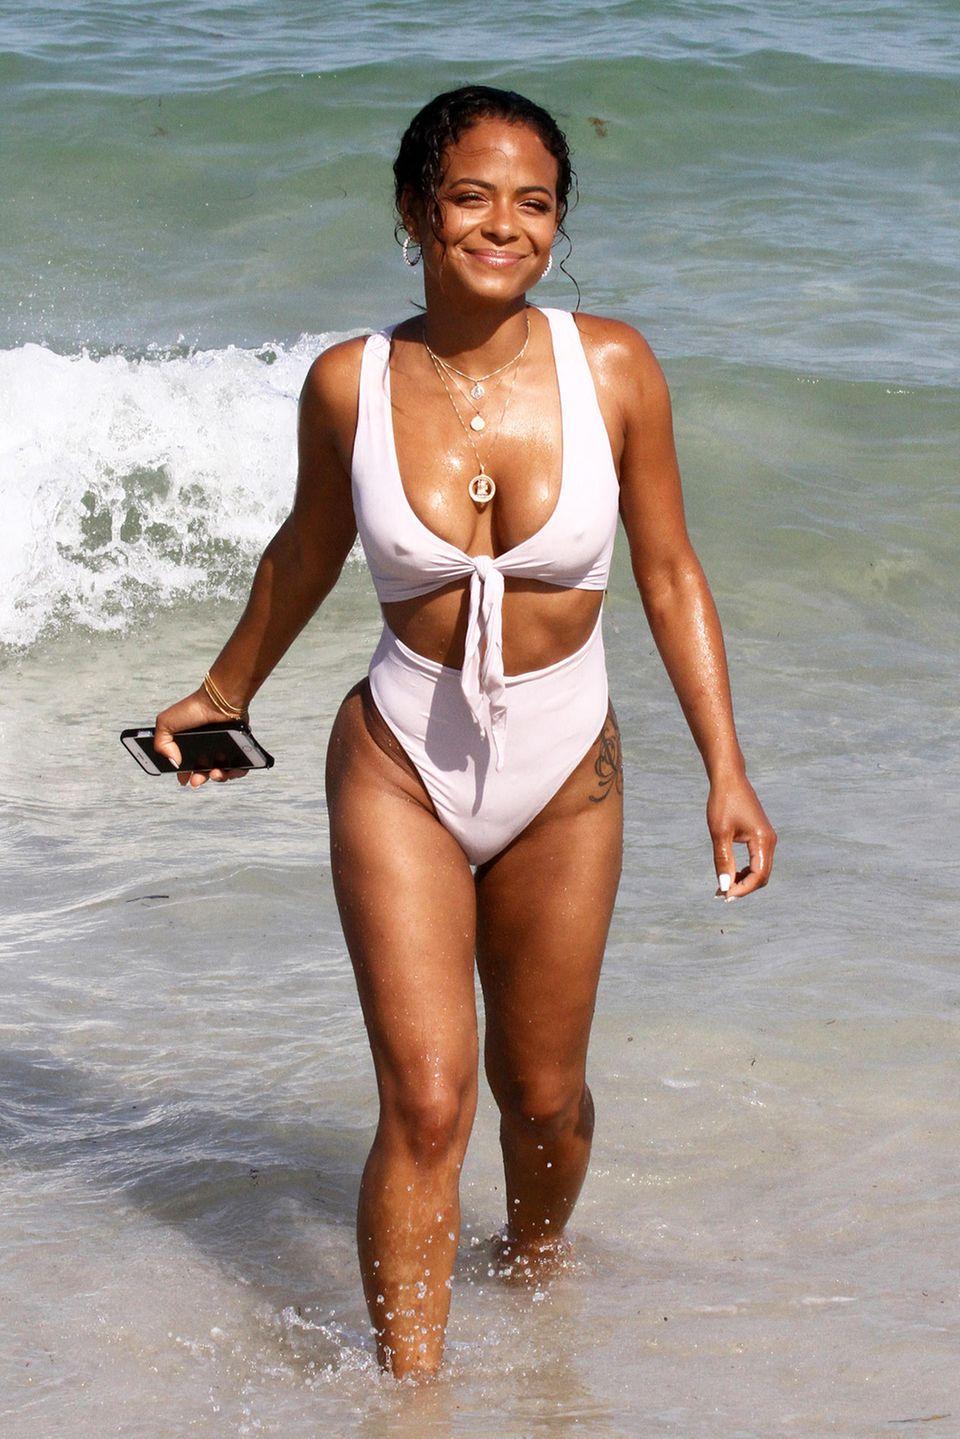 Mit strahlendem Lächeln und strahlend weißem Monokini entsteigt Christina Milian den Fluten am Miami Beach. Hoffentlich ist ihr Smartphone wasserdicht.